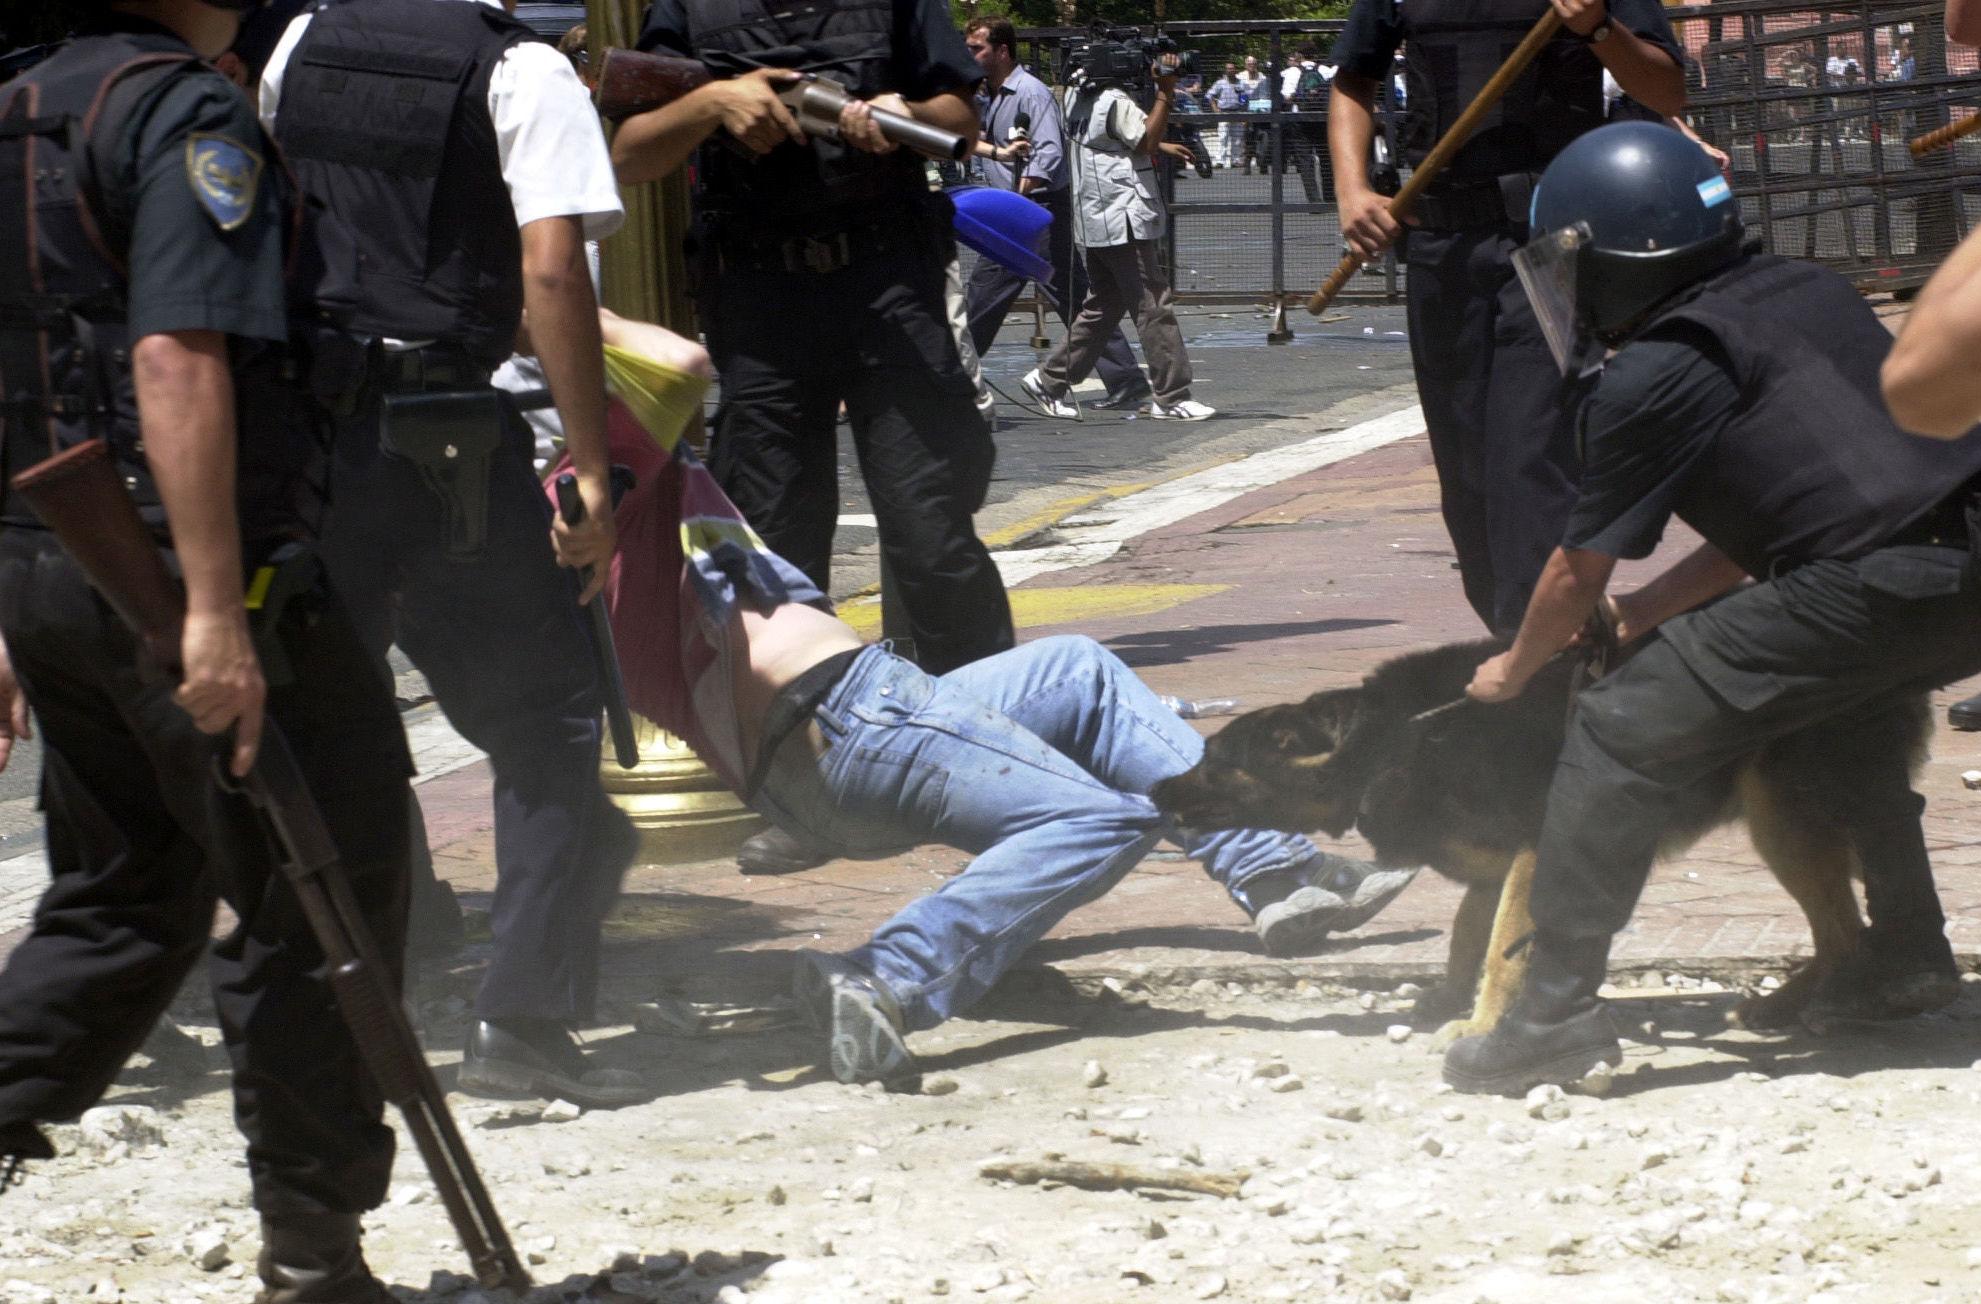 Enfrentamientos entre la población y las fuerzas de seguridad en Argentina en diciembre de 2001